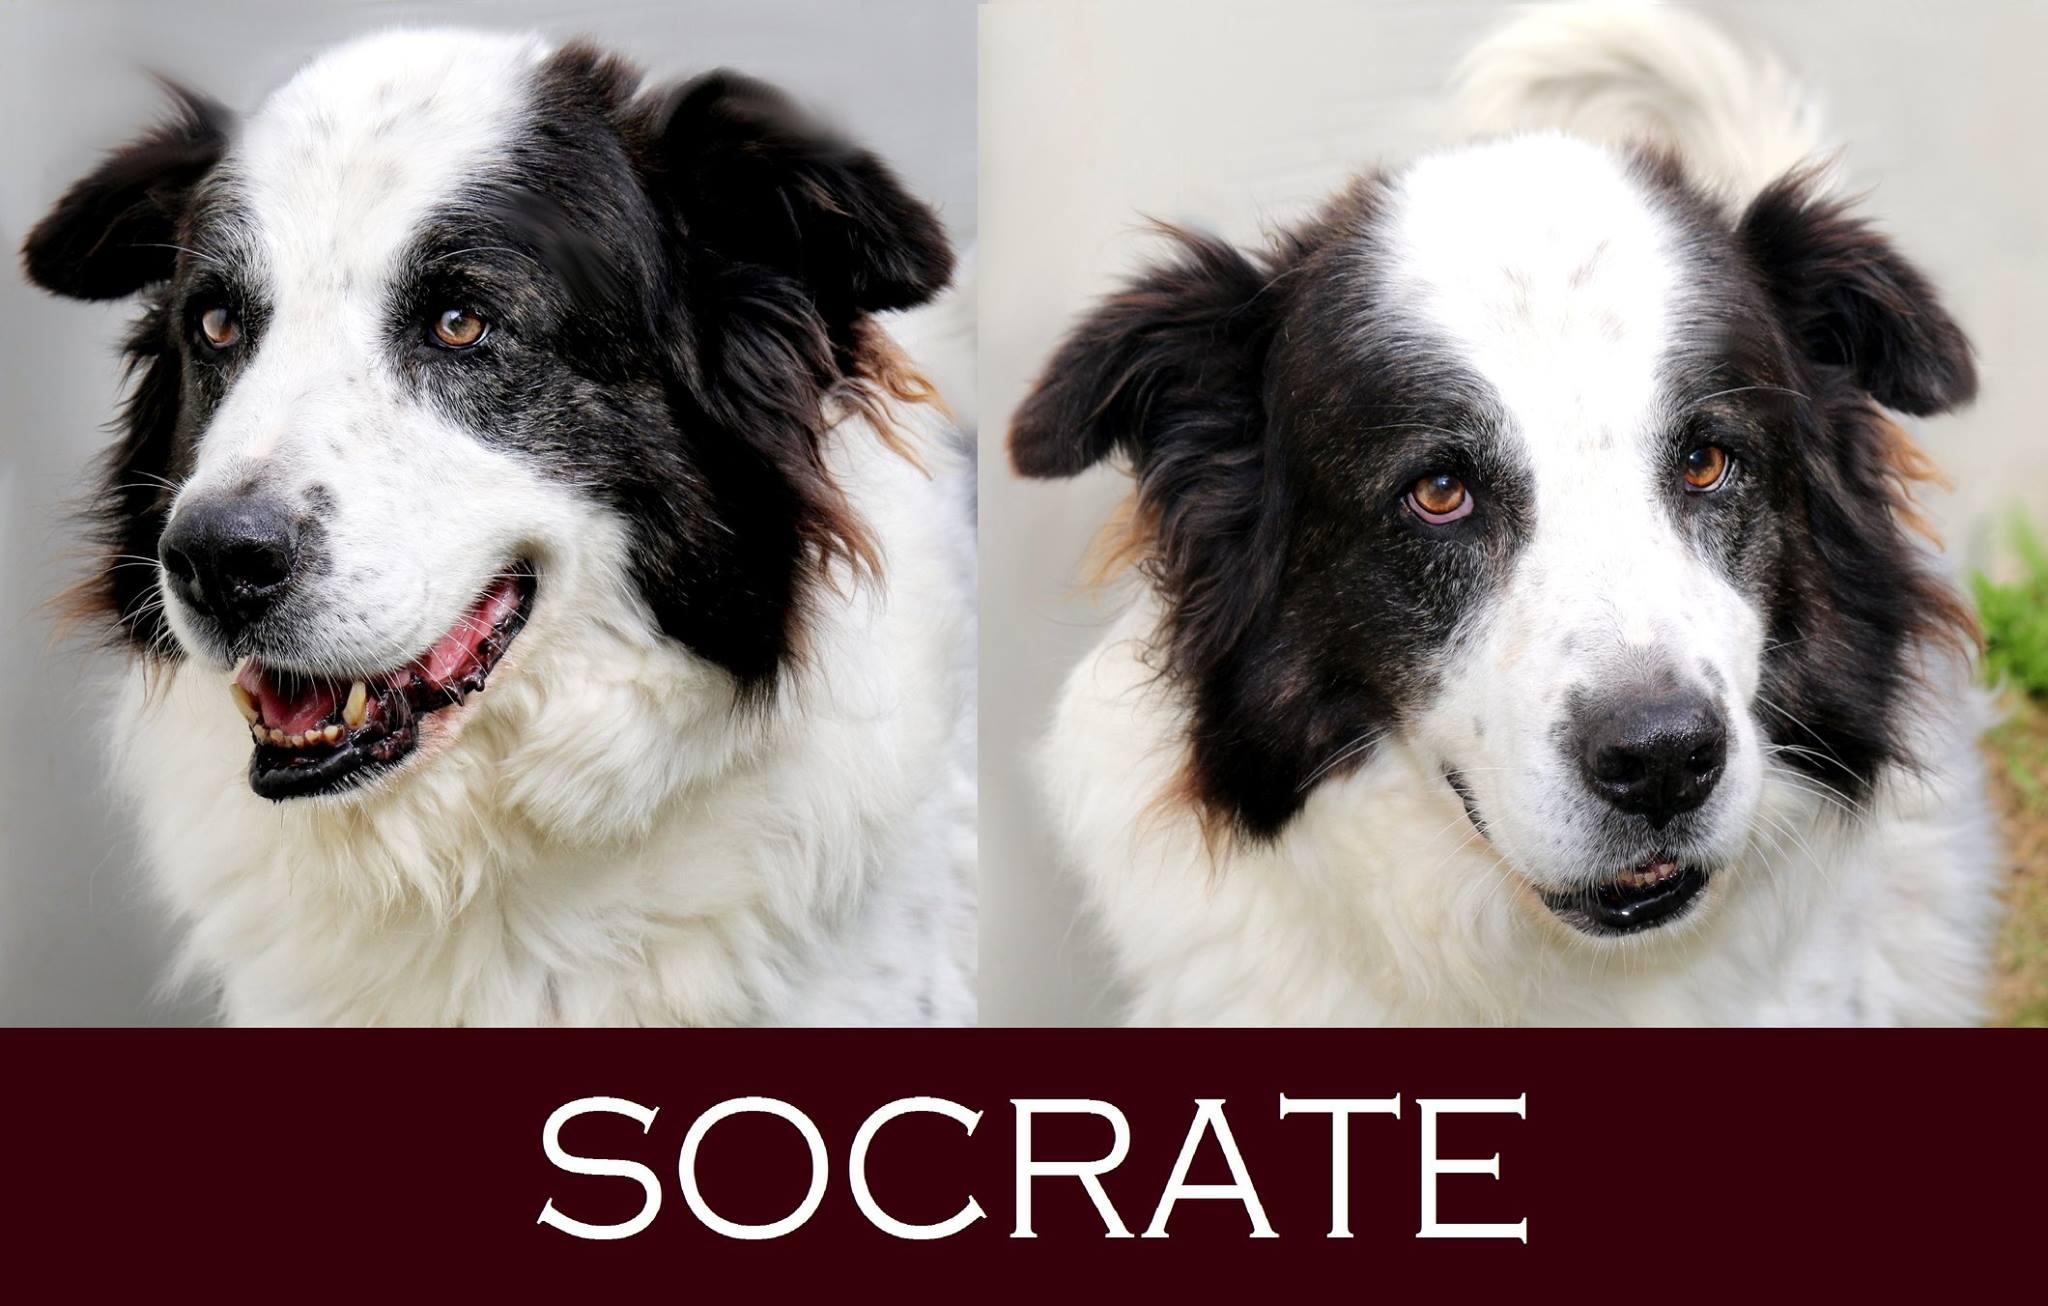 Socrate-Adozione cani anziani